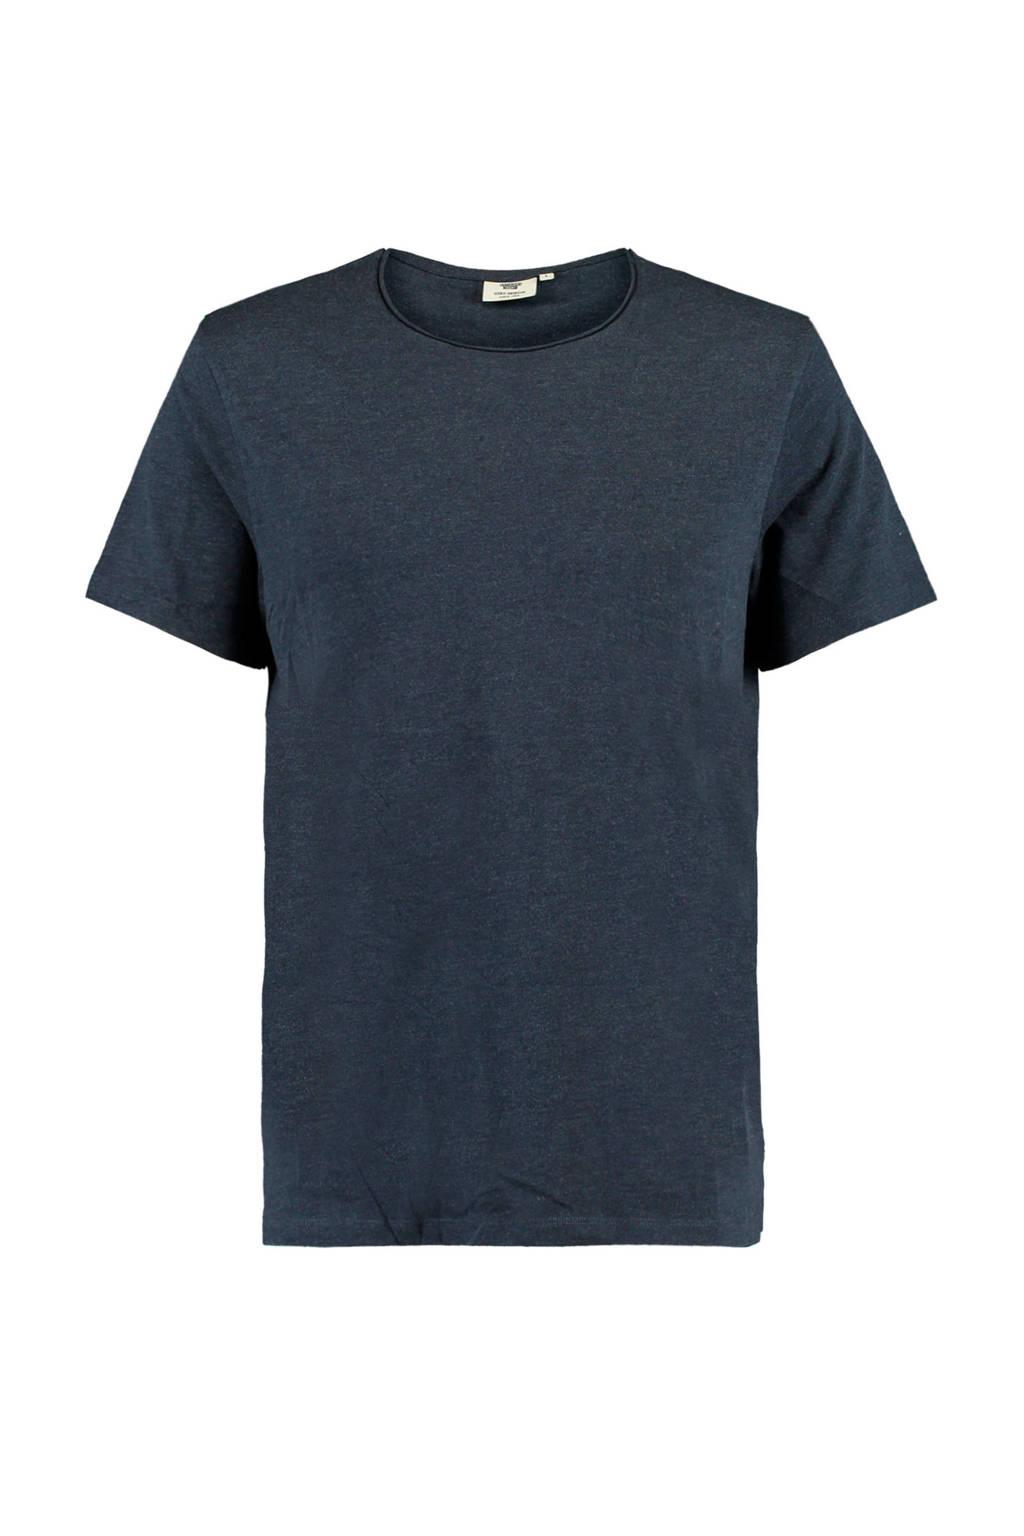 America Today T-shirt Took van biologisch katoen donkerblauw, Donkerblauw